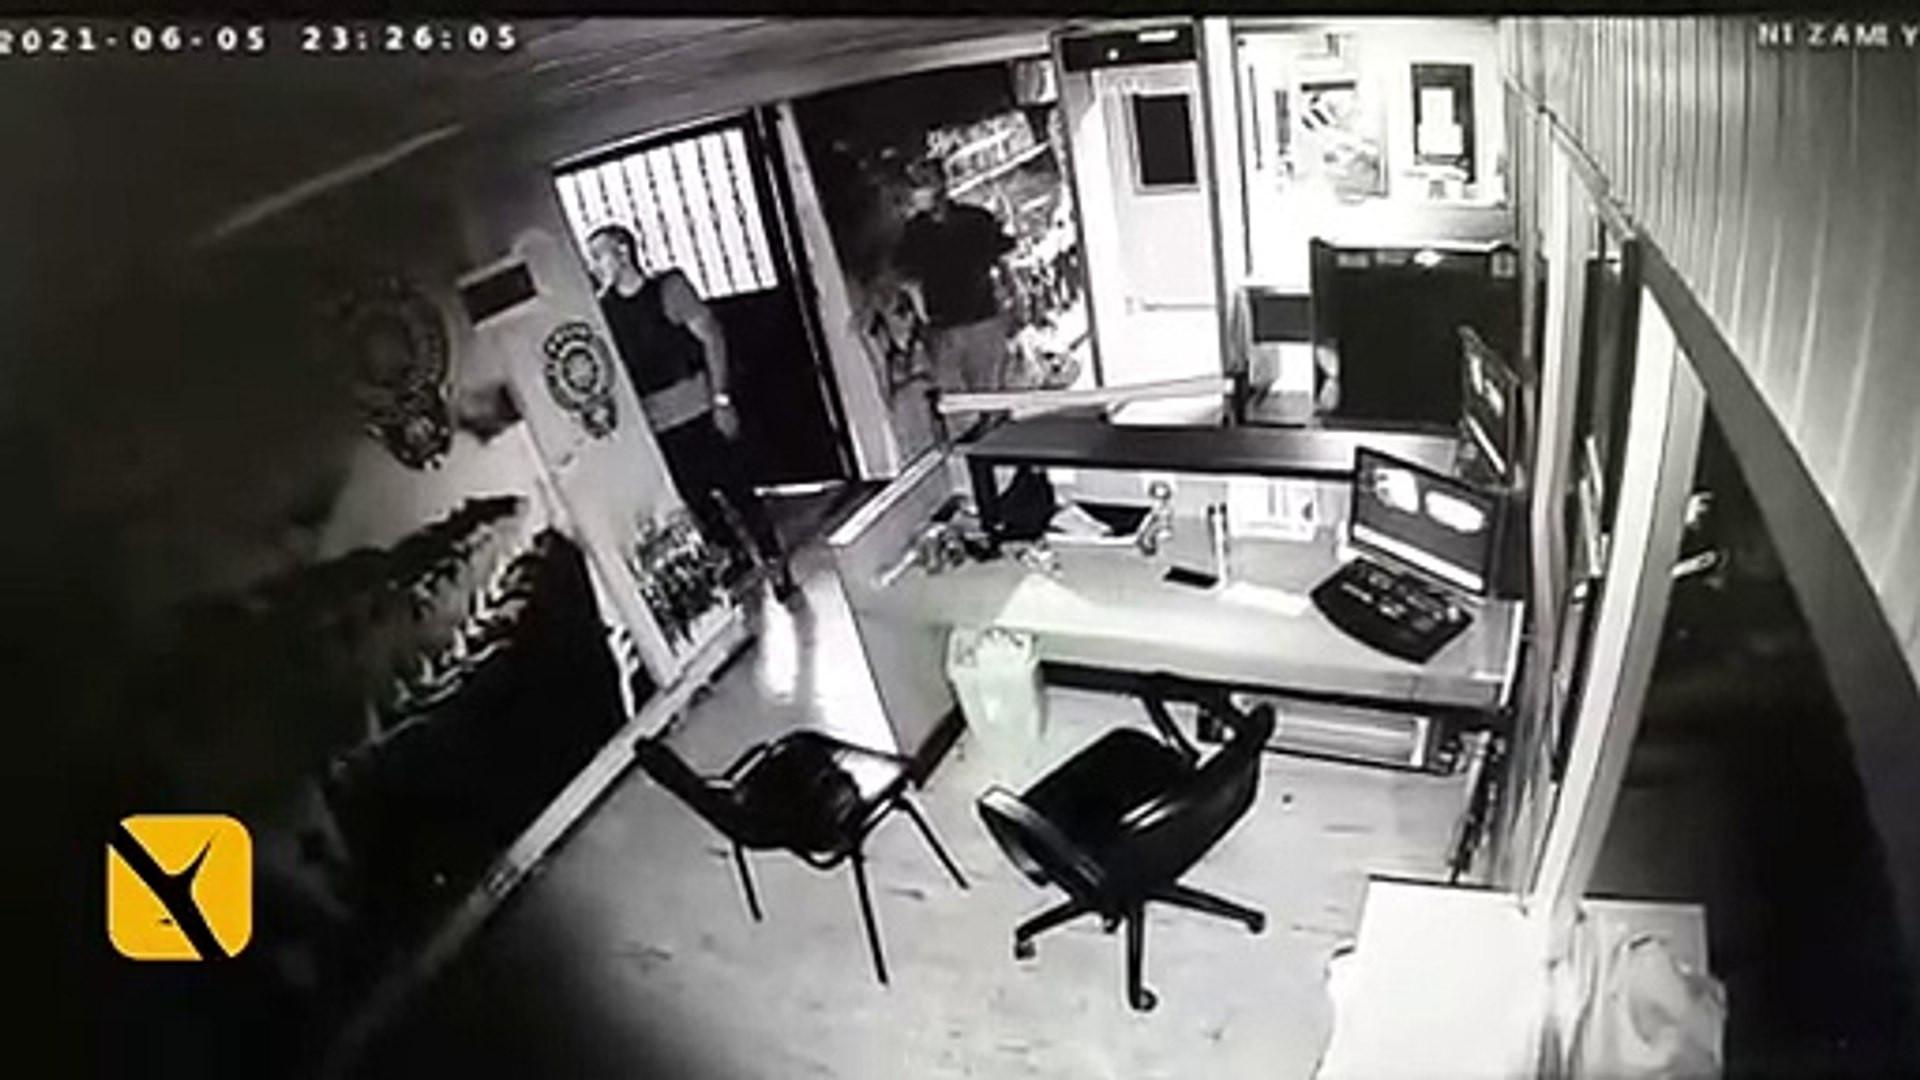 Karakolda şüpheli ölüm: Güvenlik amirinin son görüntüleri ortaya çıktı